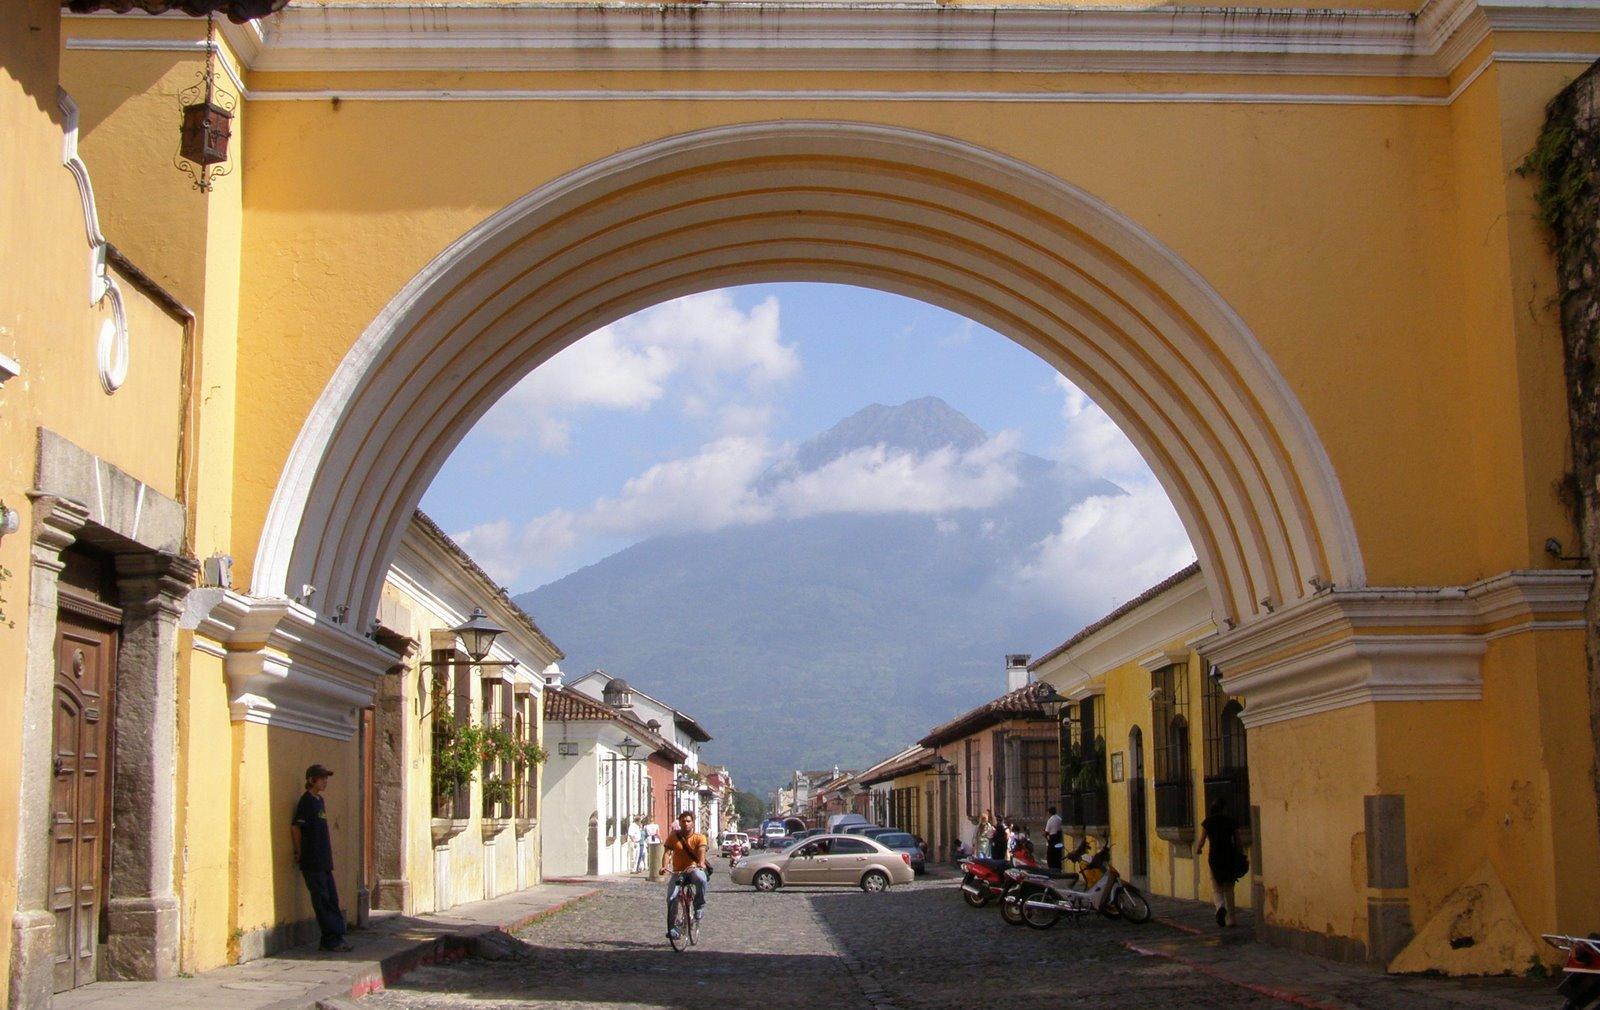 arch of santa catalina, la antigua guatemala, agua volcano